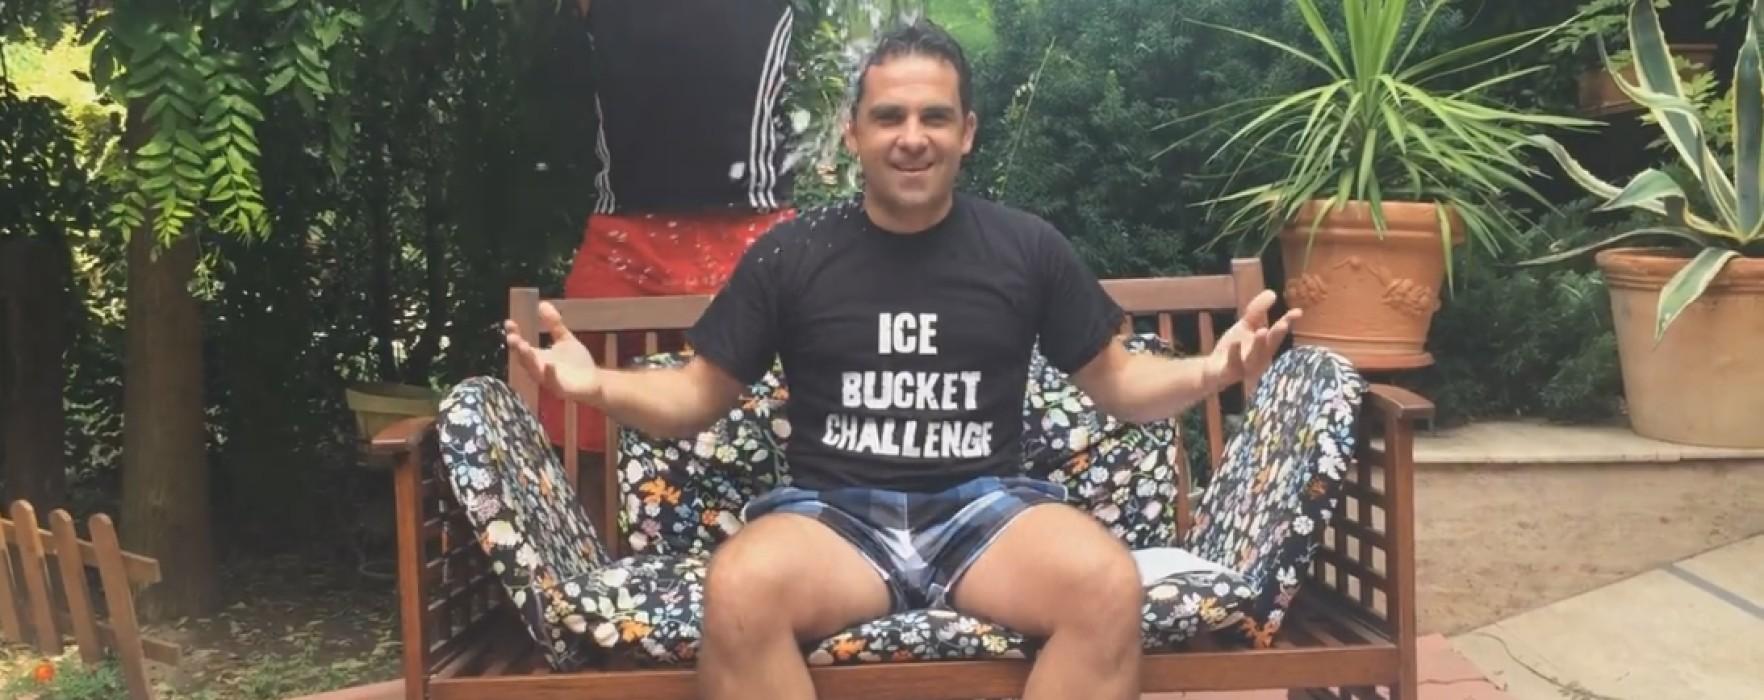 Ciprian Prisăcaru a acceptat provocarea de a-şi turna apă cu gheaţă în cap (video)